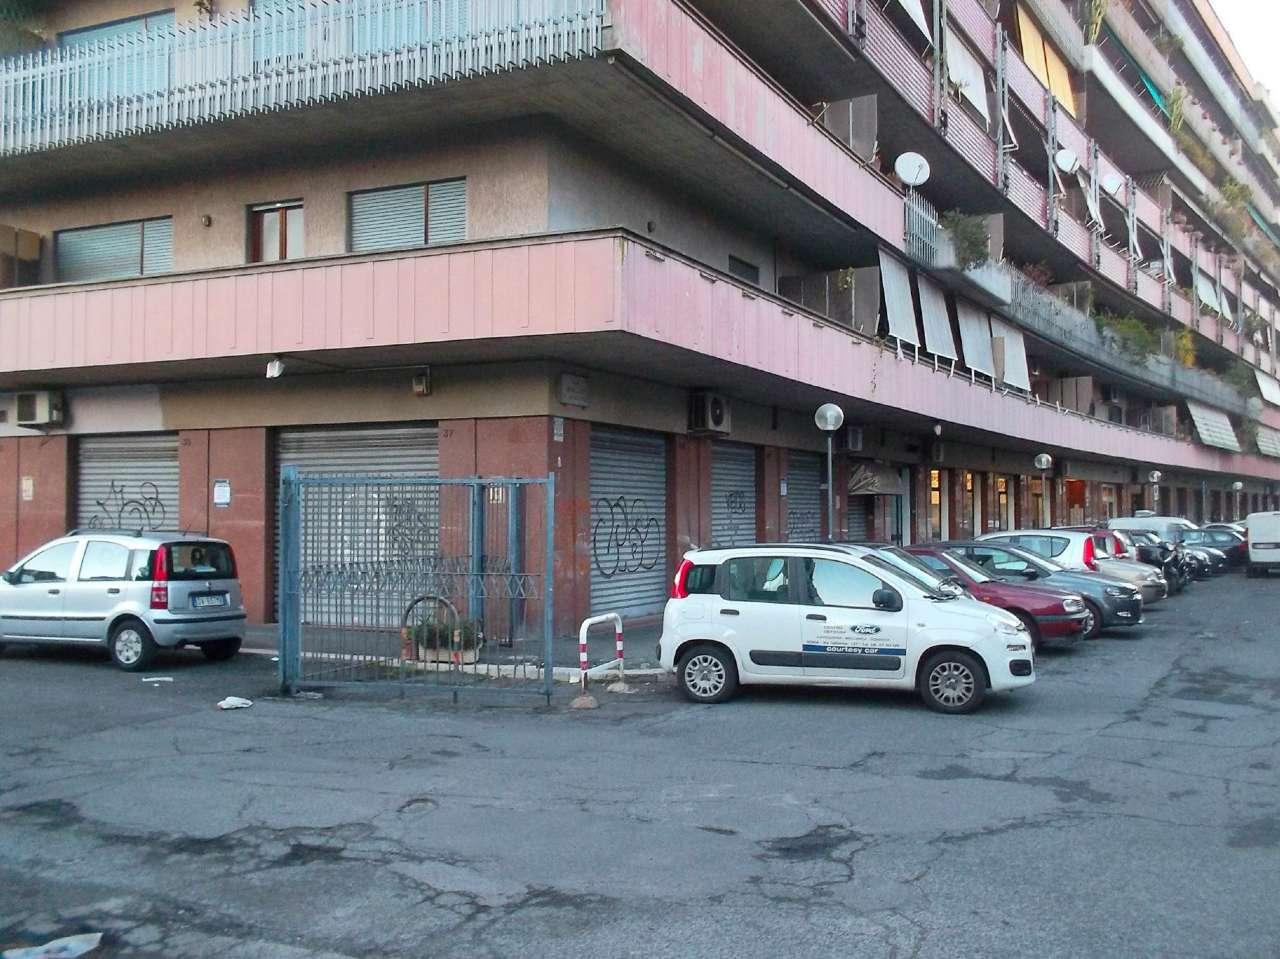 Negozio locale roma affitto 3400 euro zona 25 19 01 2017 for Cerco locale in affitto a roma